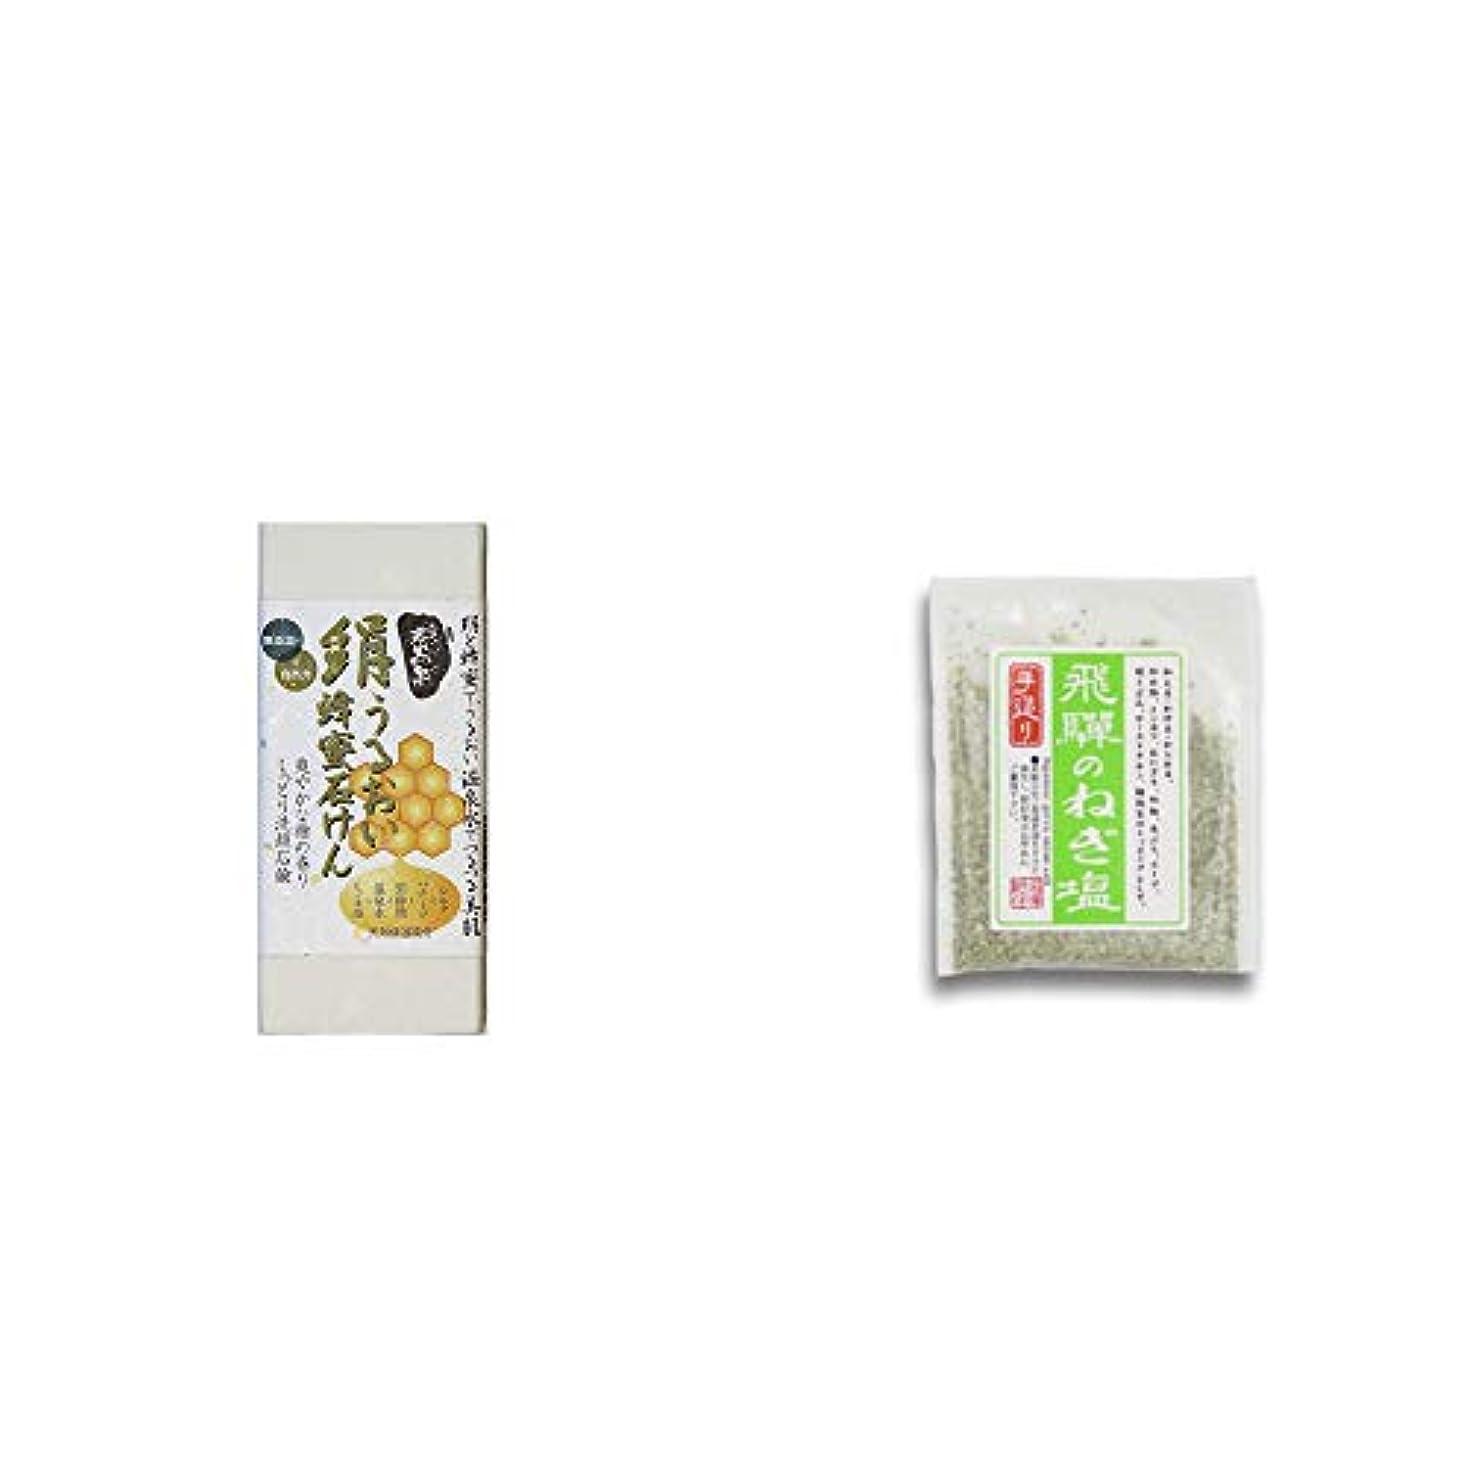 重なる気をつけて後悔[2点セット] ひのき炭黒泉 絹うるおい蜂蜜石けん(75g×2)?手造り 飛騨のねぎ塩(40g)